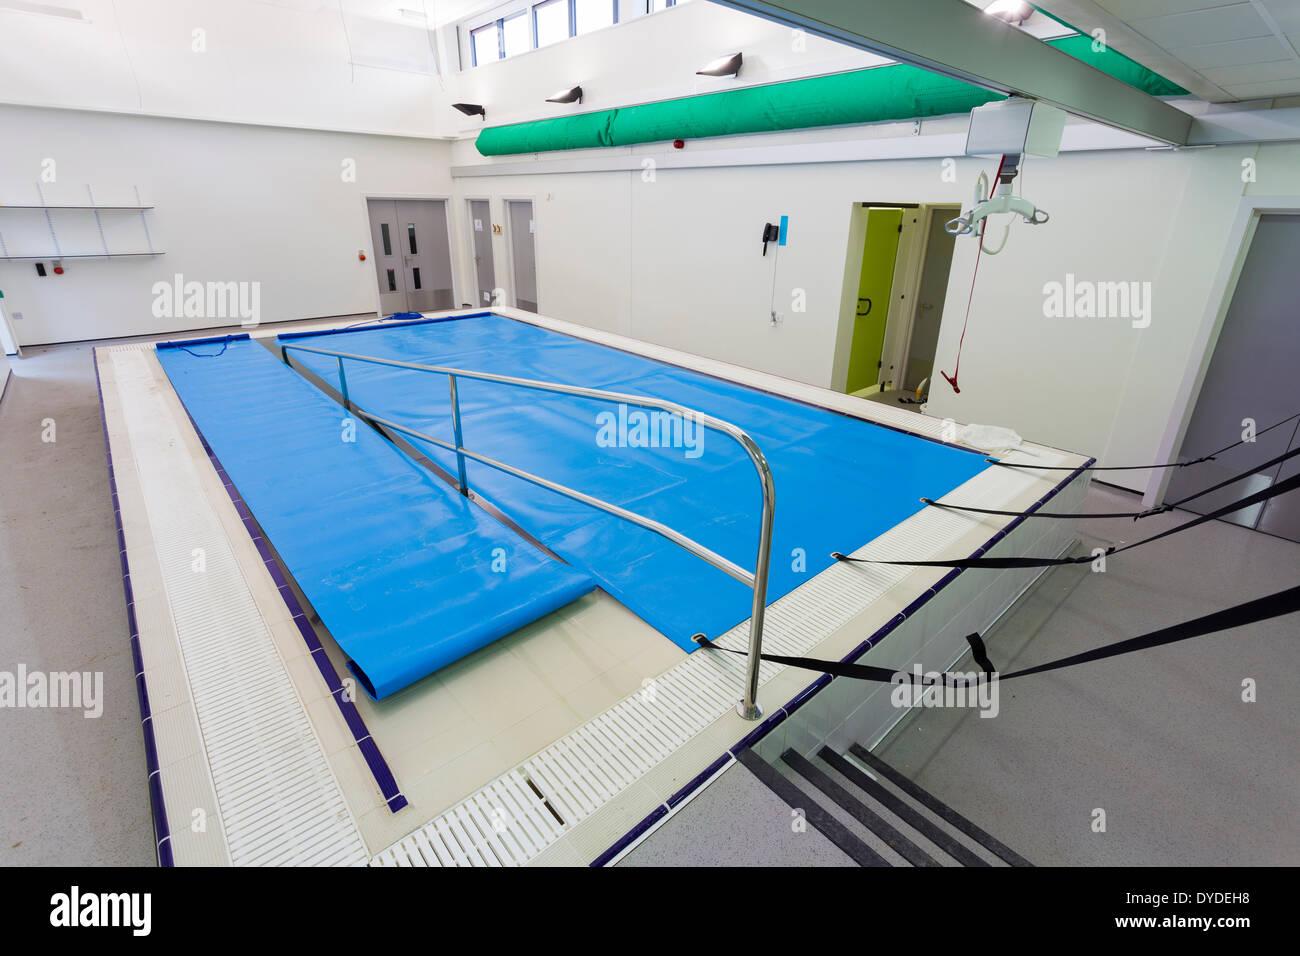 Piscine piscine avec rampe d 39 acc s pour les enfants for Piscine pour handicape moteur